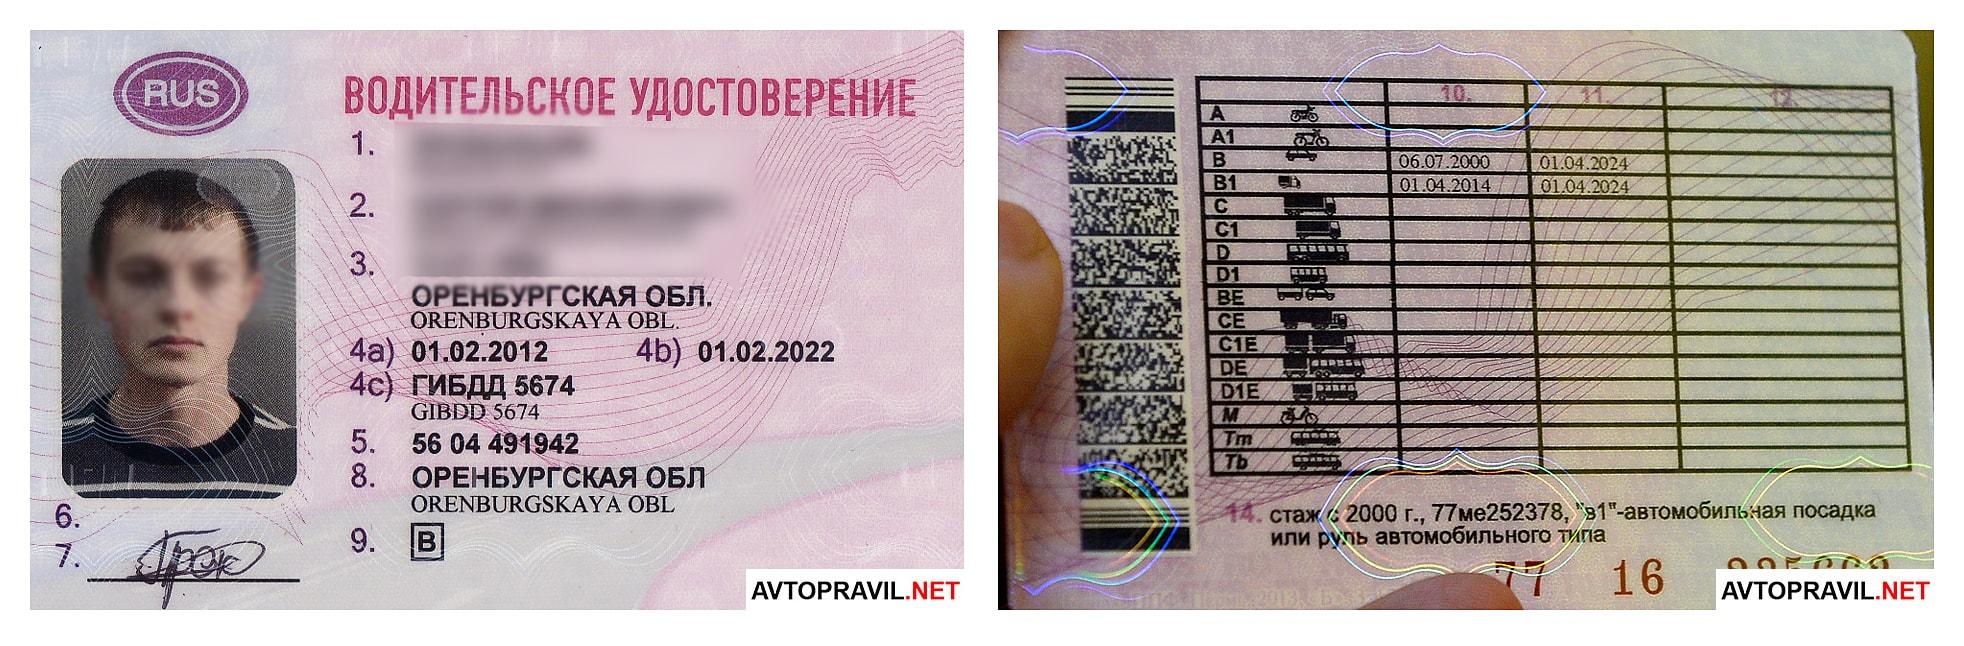 kategorii voditelskikh prav 2017 10 min - Что означают категории в новых водительских удостоверениях